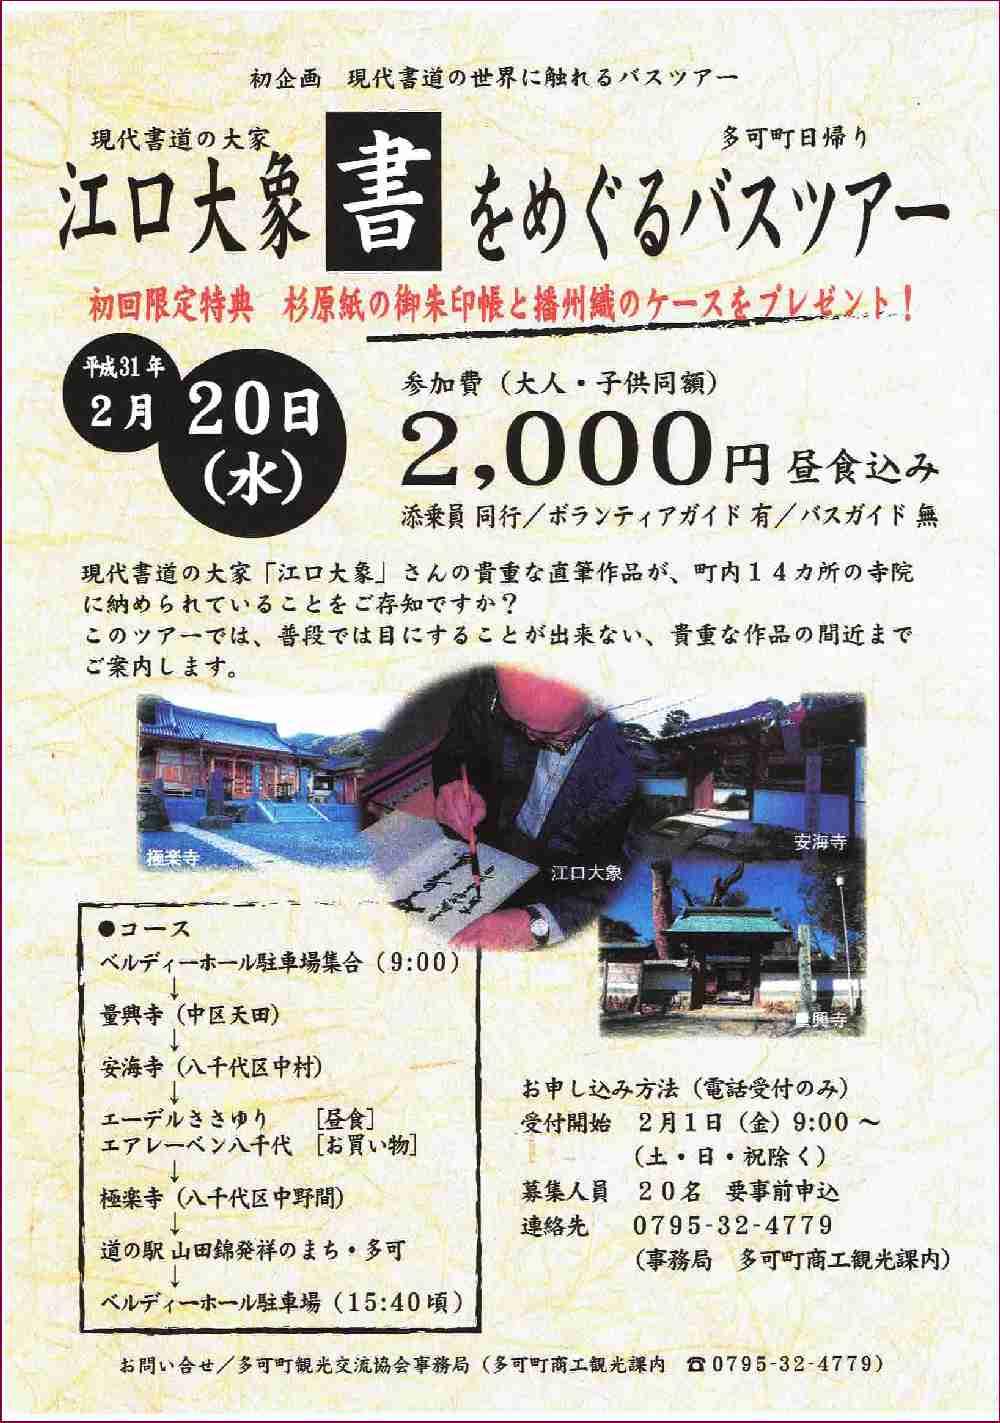 2/20 「江口大象」の書をめぐるツアー 参加者募集